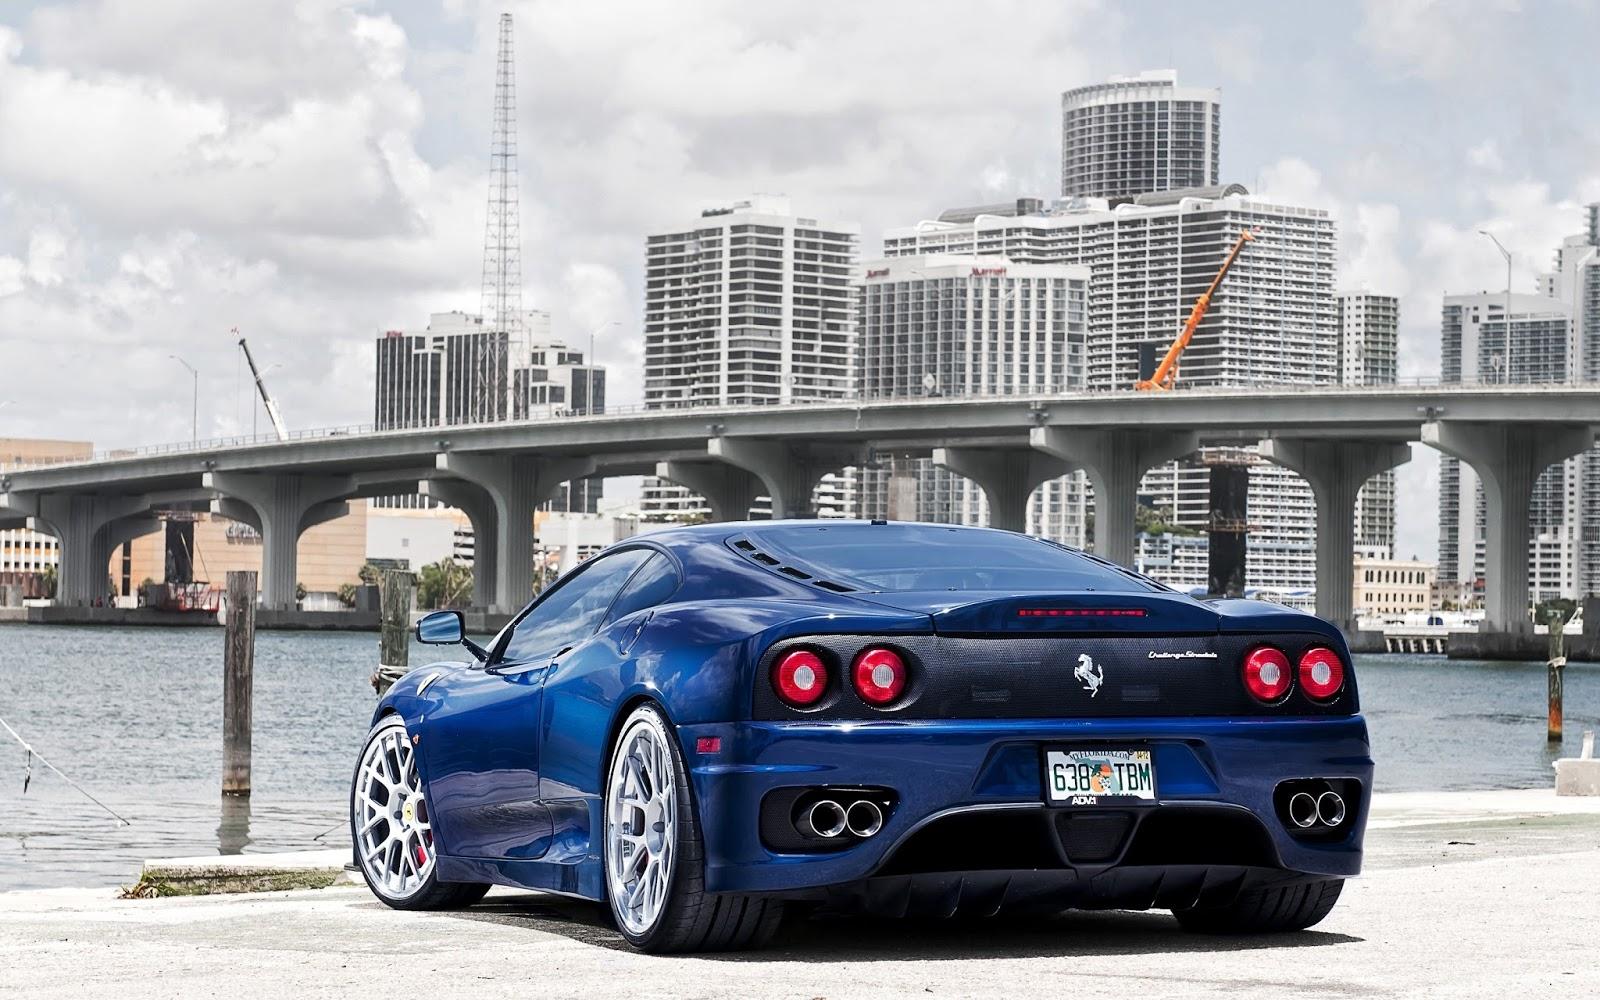 10 λόγοι που η Ferrari 360 Challenge Stradale ανήκει στο γκαράζ των ονείρων μας Ferrari, Ferrari 360 Challenge Stradale, Ferrari 360 Modena, Ferrari Challenge Stradale, videos